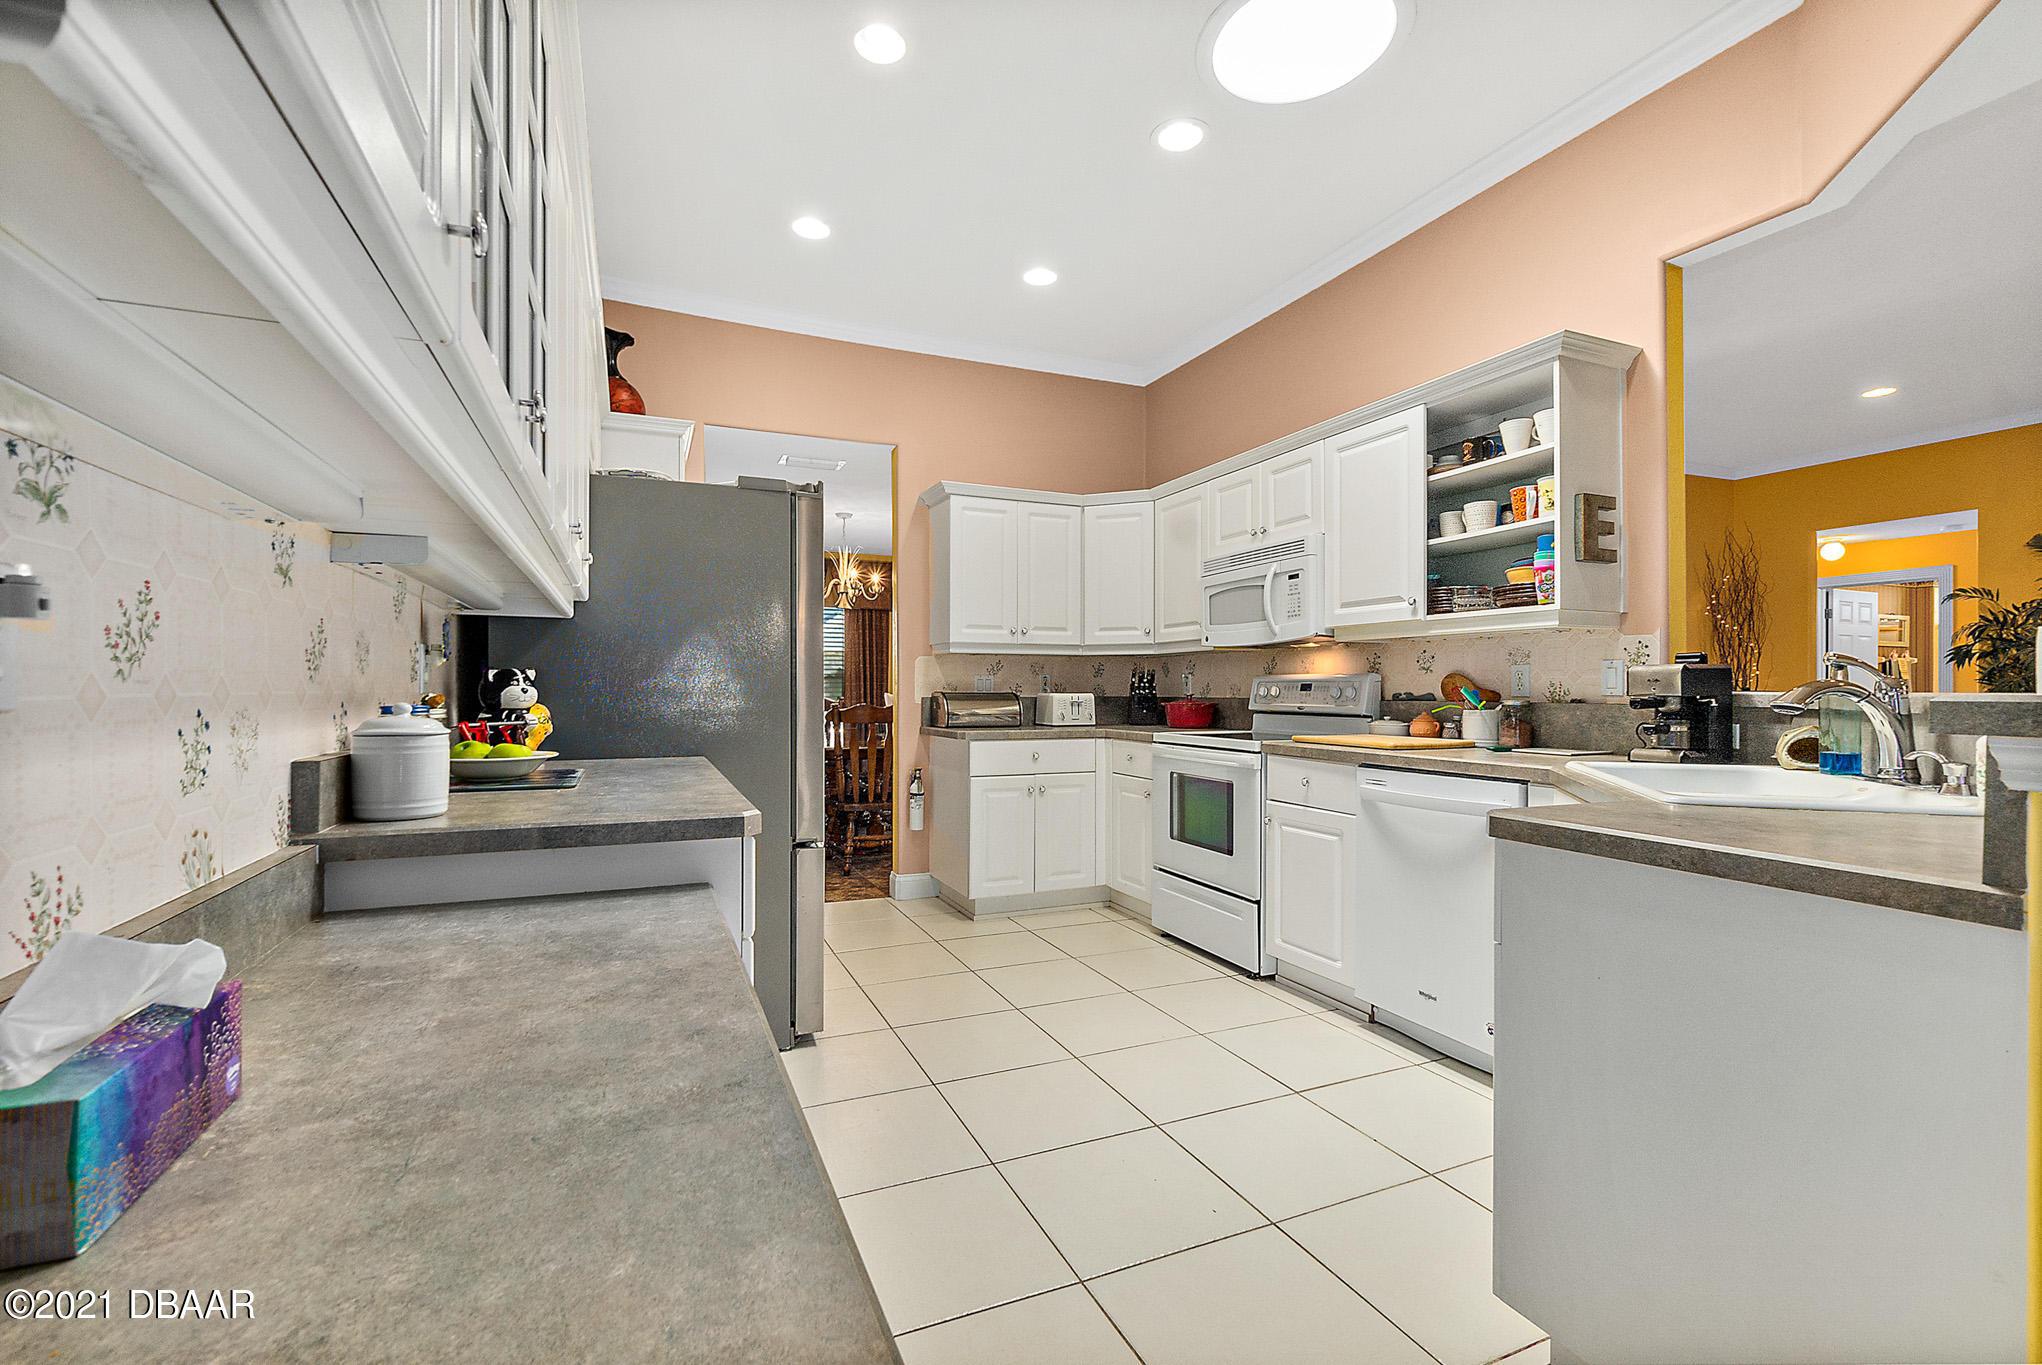 Image 4 For 4207 Mayfair Lane